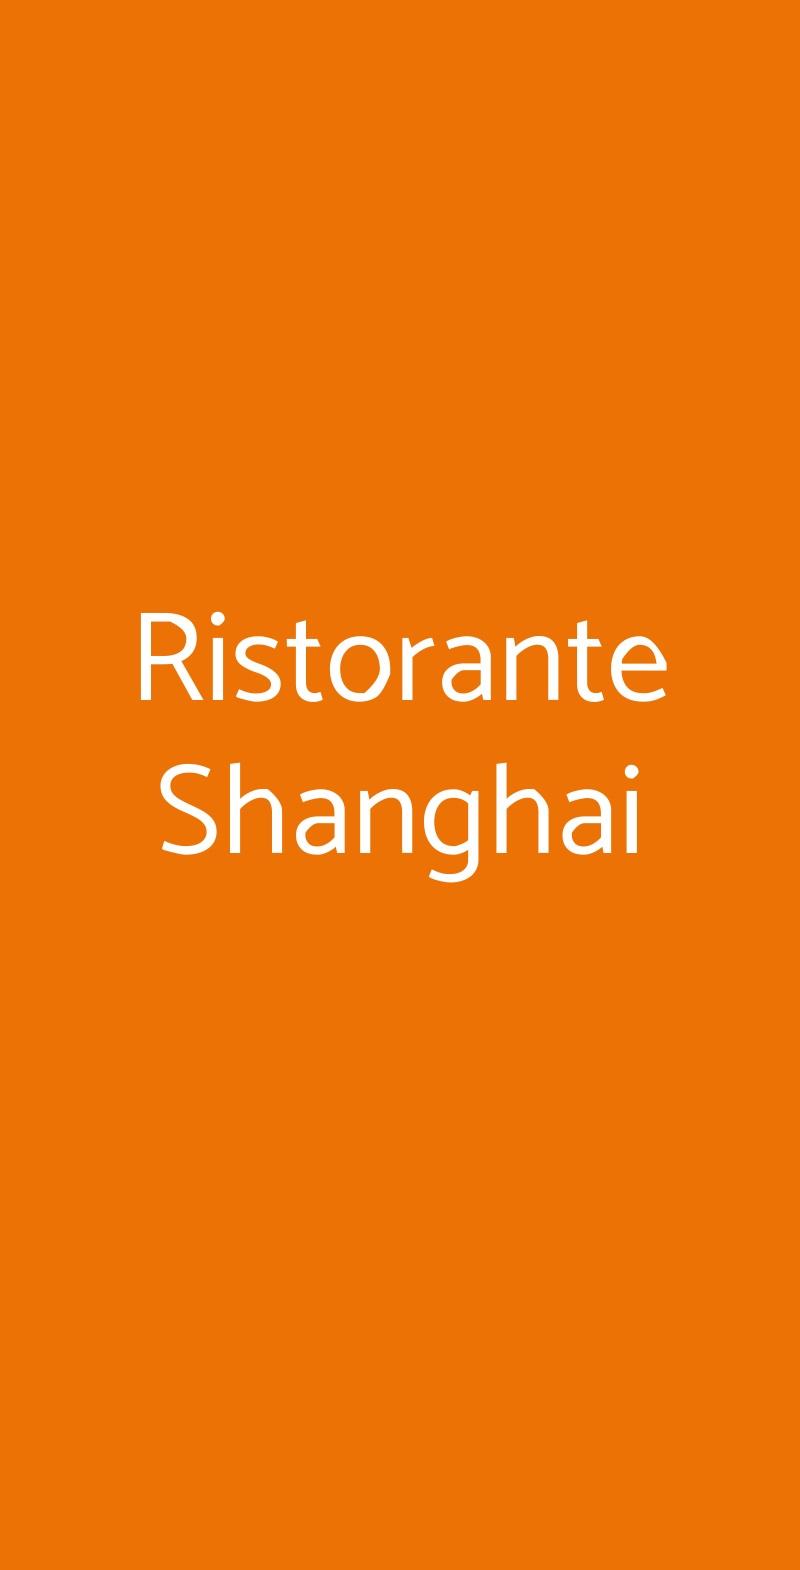 Ristorante Shanghai Comerio menù 1 pagina